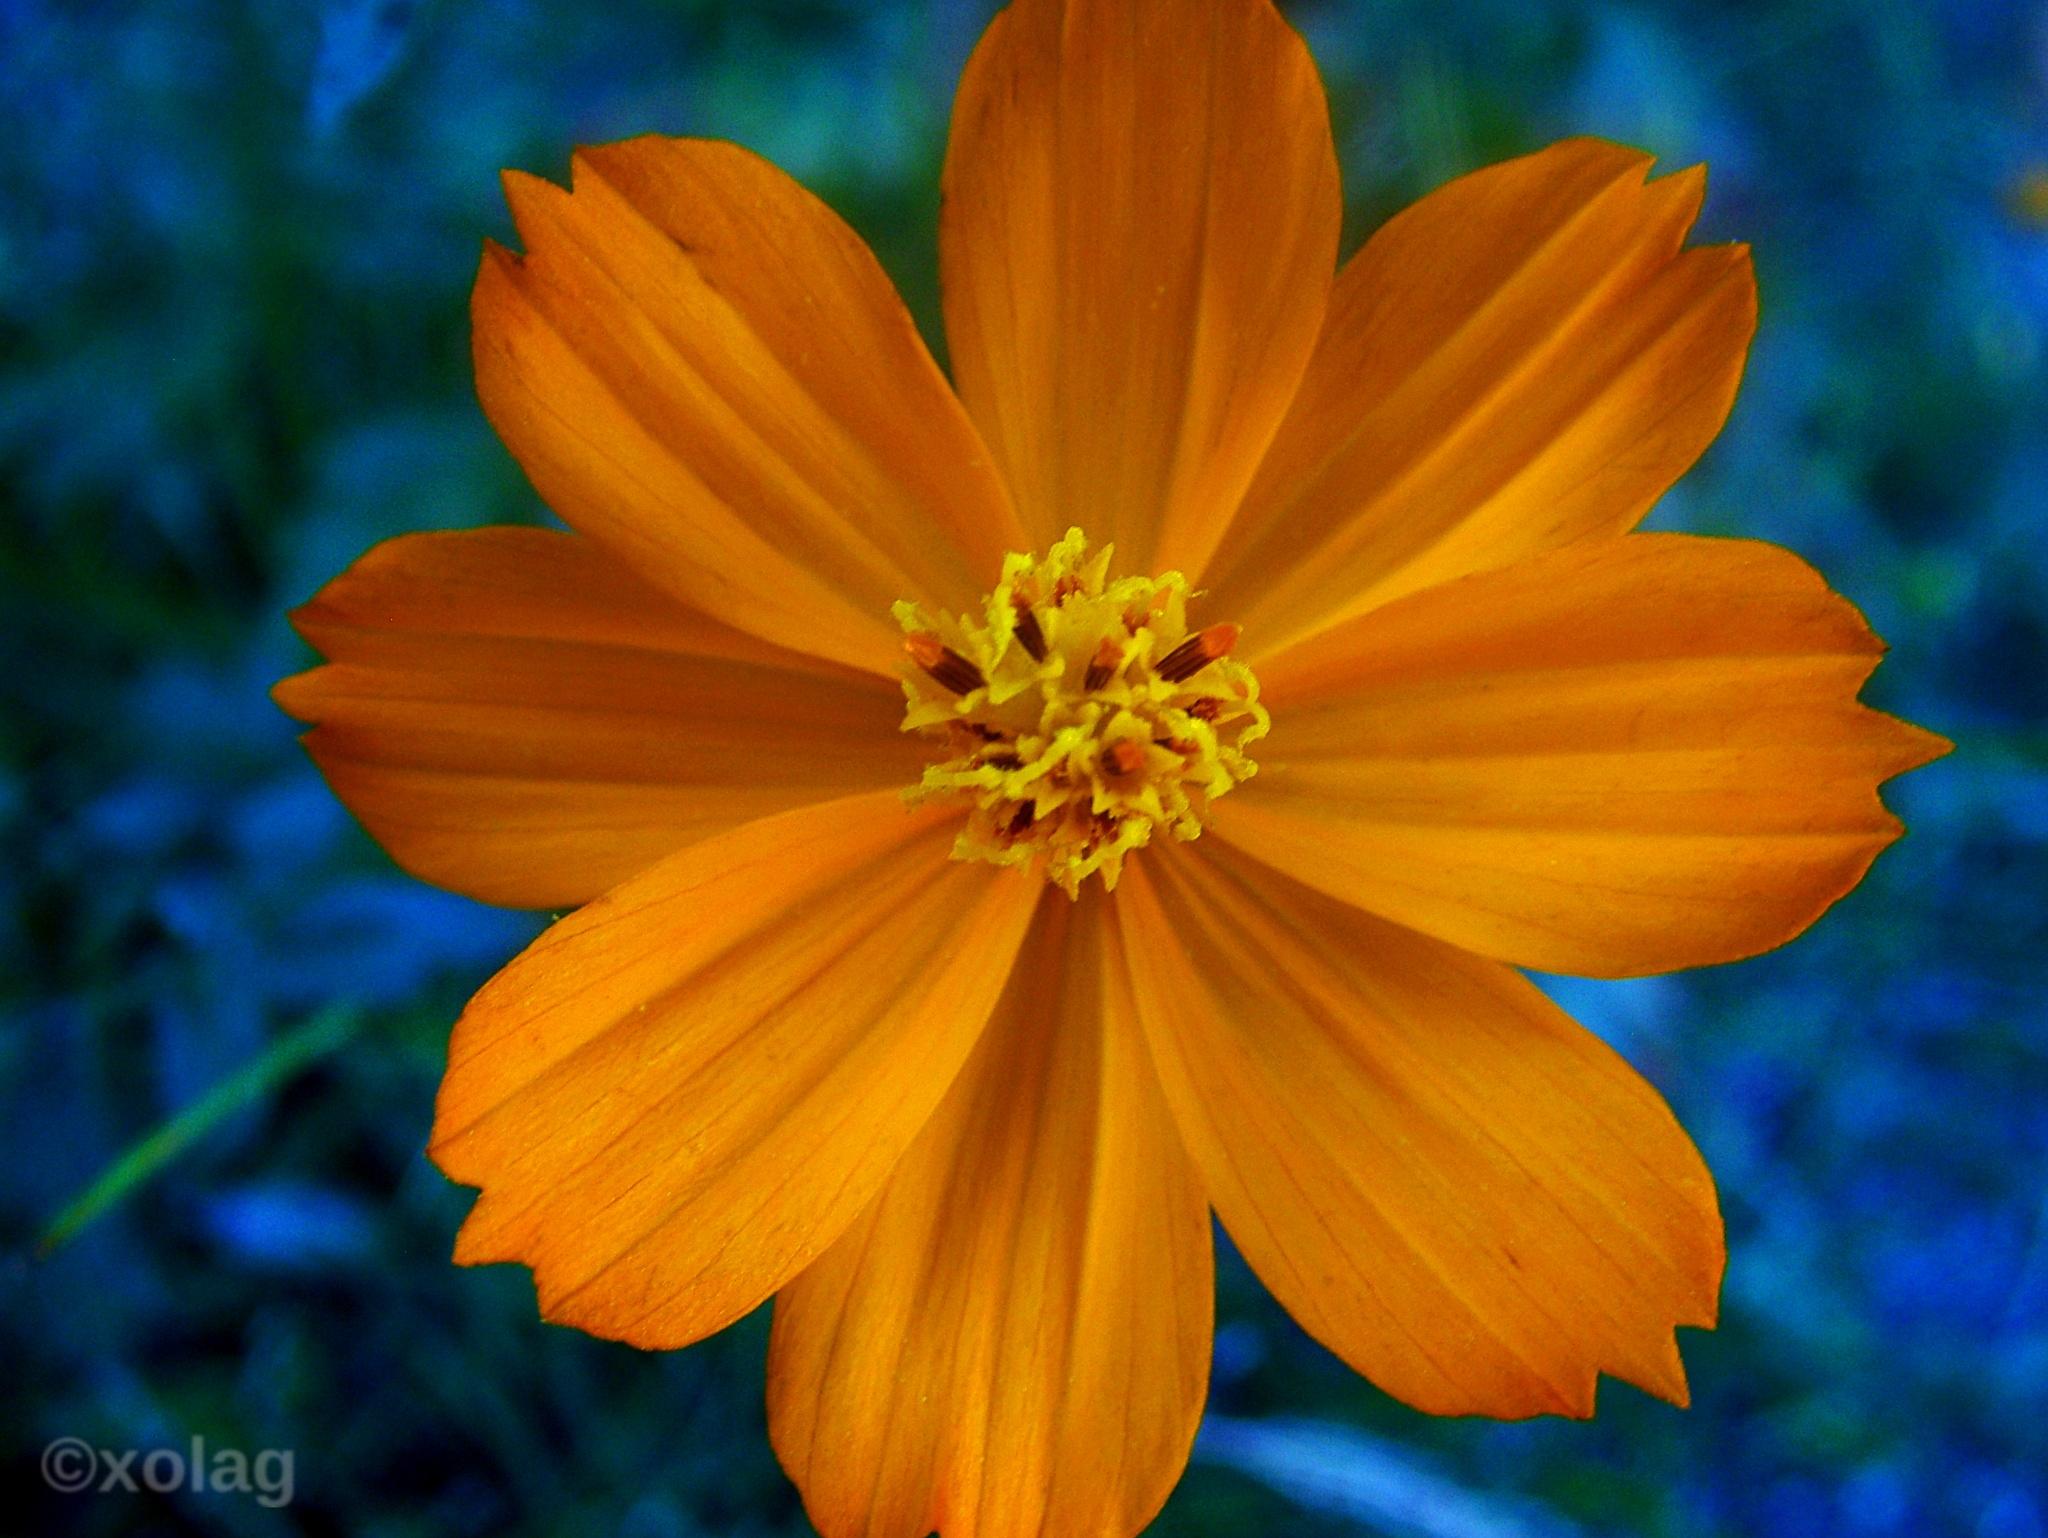 petals by J.R.Galindo